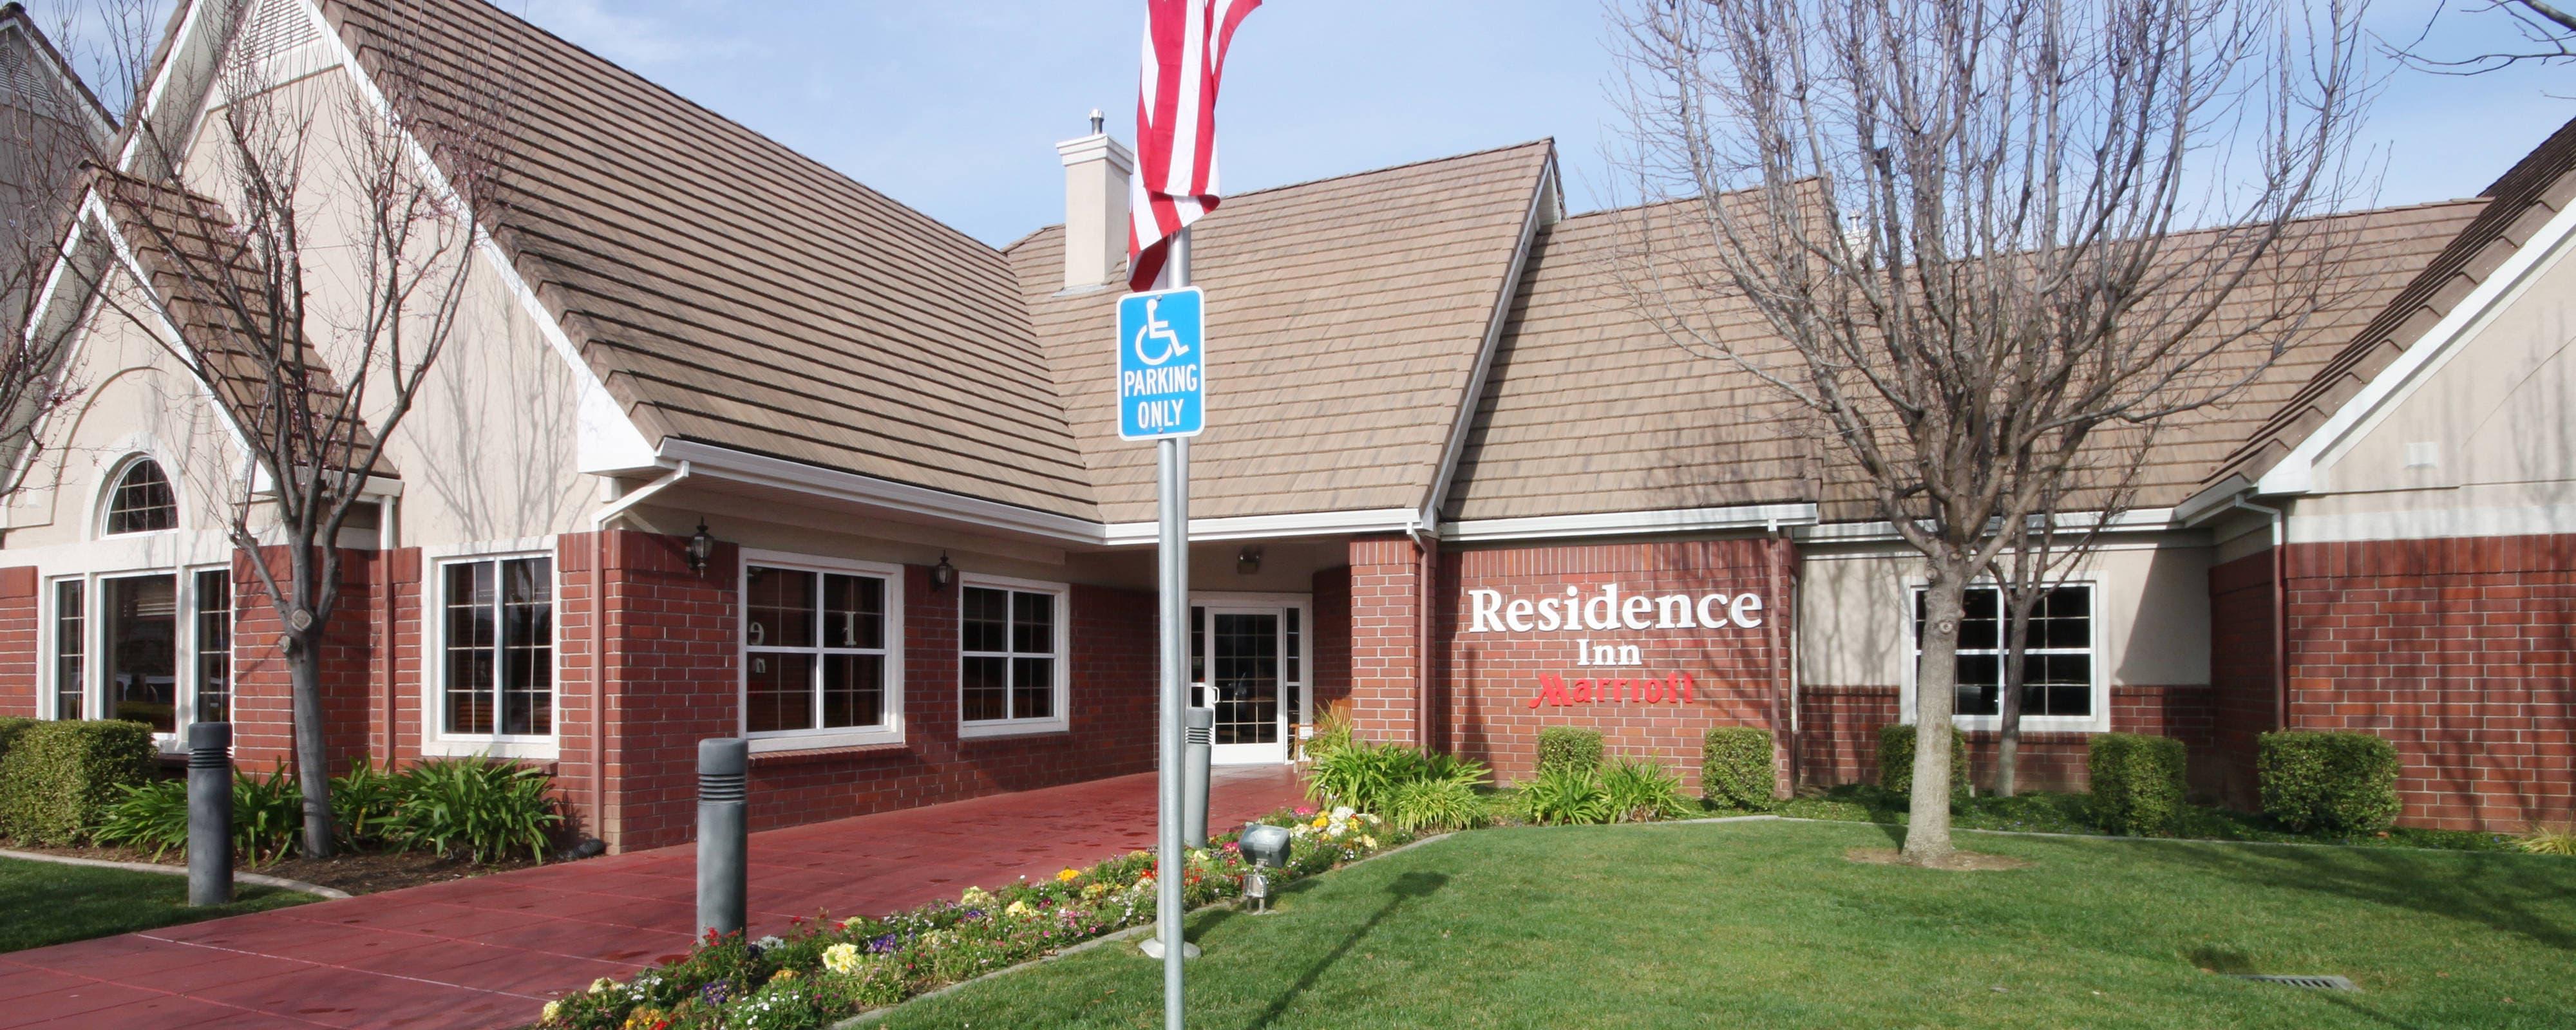 residence inn morgan hill pet friendly extended stay hotel in rh marriott com